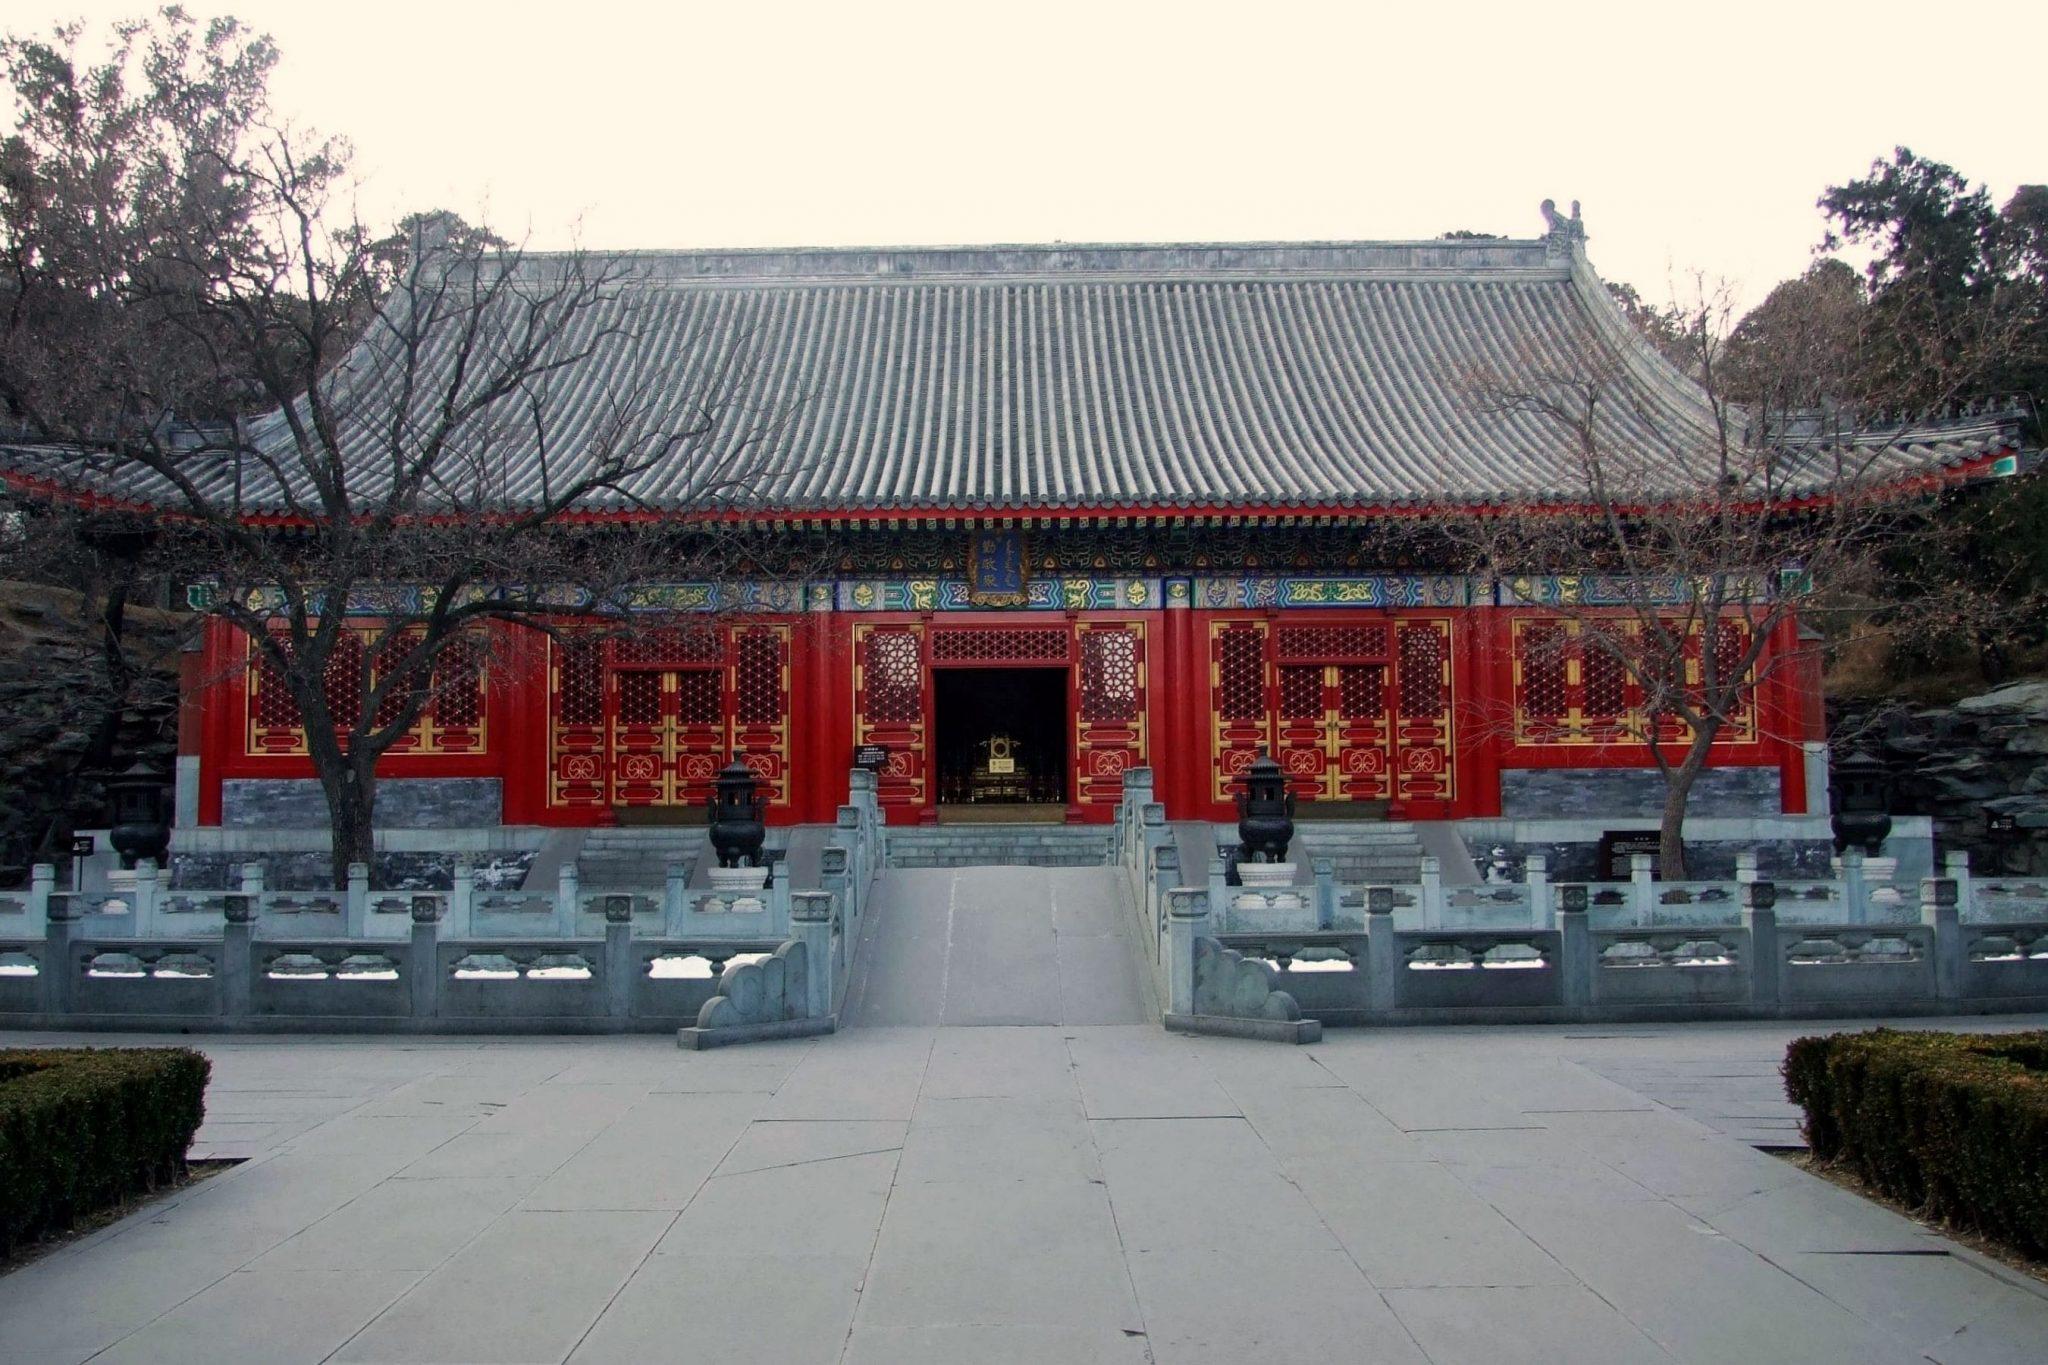 بررسی ساختامانهای سنتی آی ام پی استوارسازان